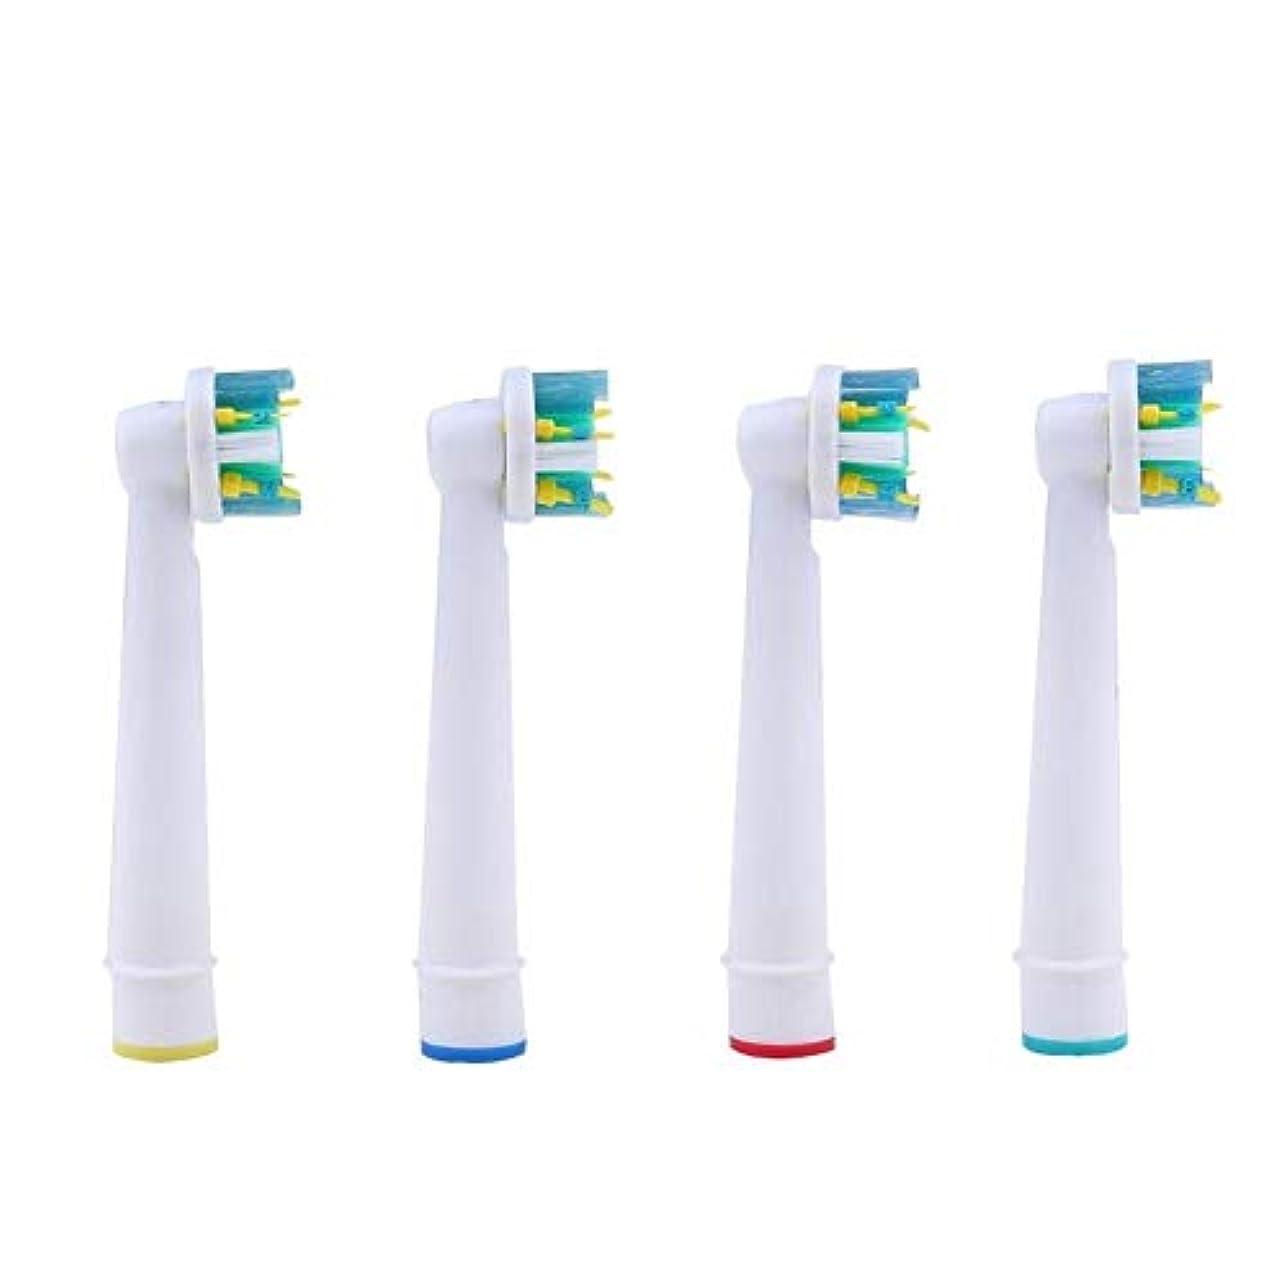 不安定プロトタイプ軽食Oral-B電動歯ブラシ 歯ブラシヘッド交換 交換用ブラウン マルチアクションブラシ OralB FLOSS ACTIONのために適した 汎用互換品 4本/セット